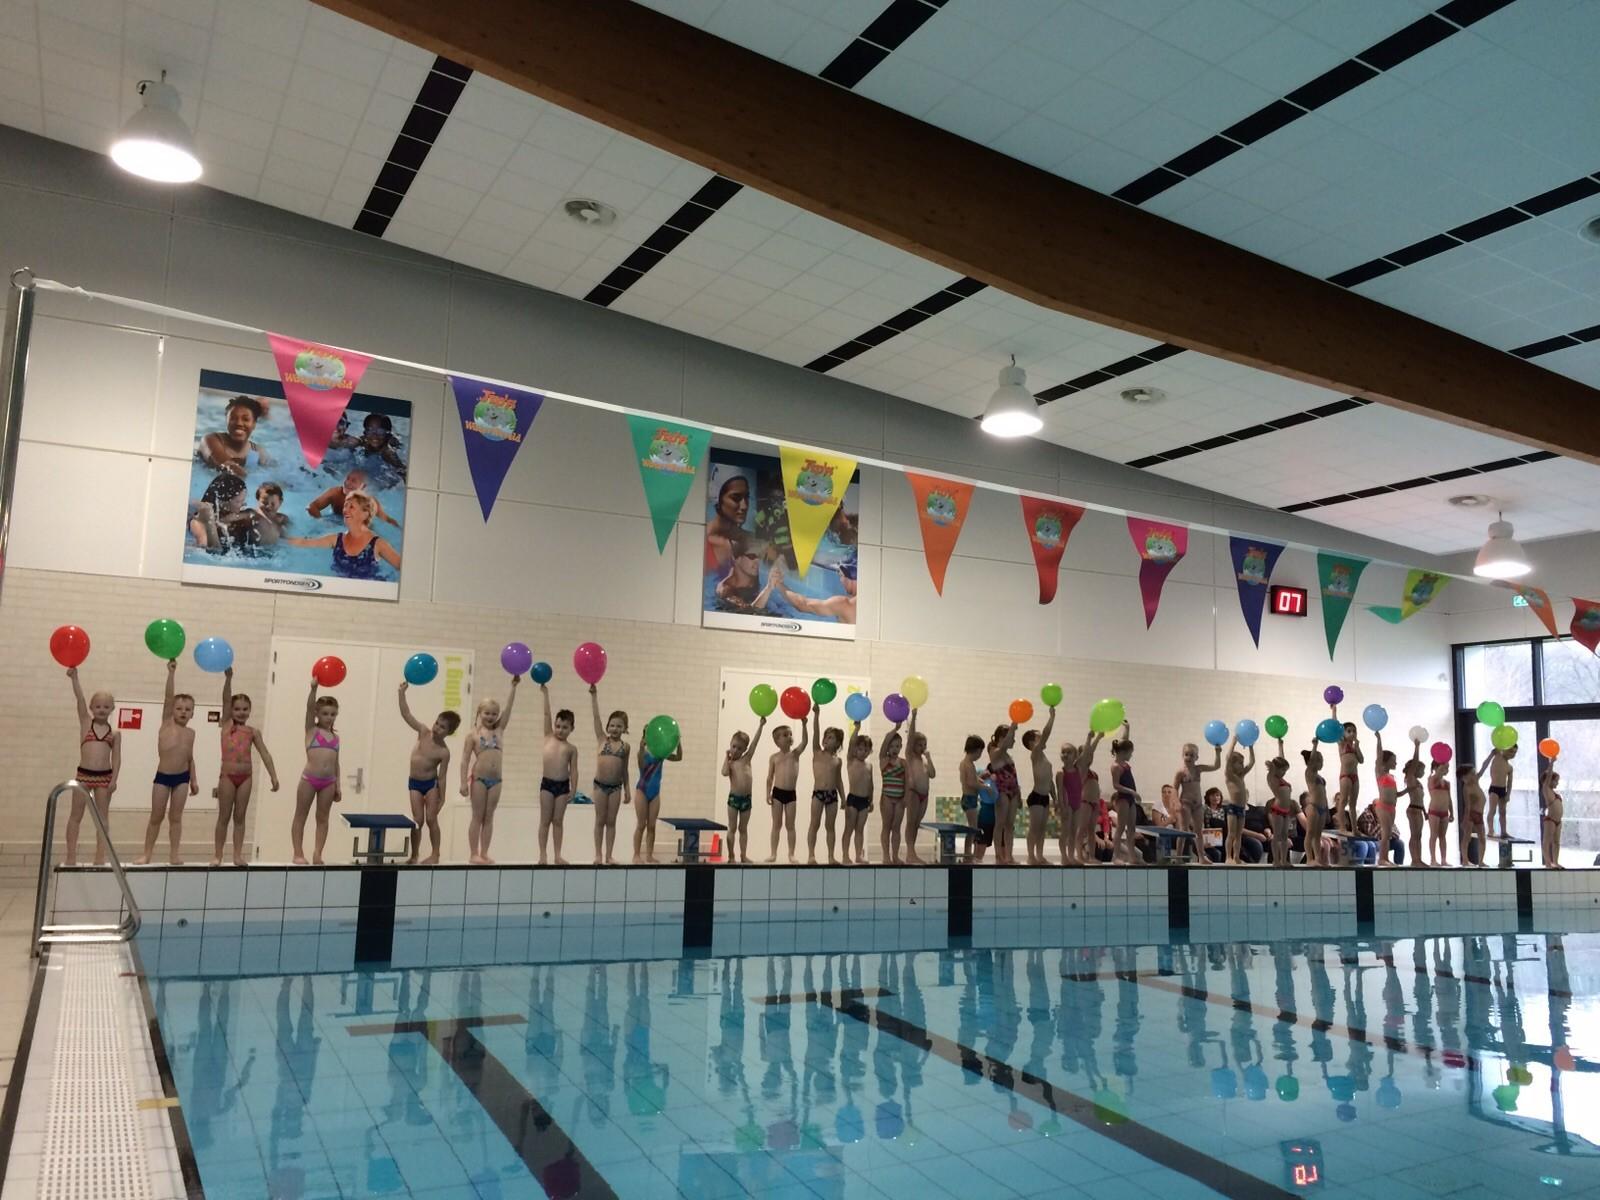 Diplomazwemmen in zwembad de vijf heuvels - Zwembad toren ...